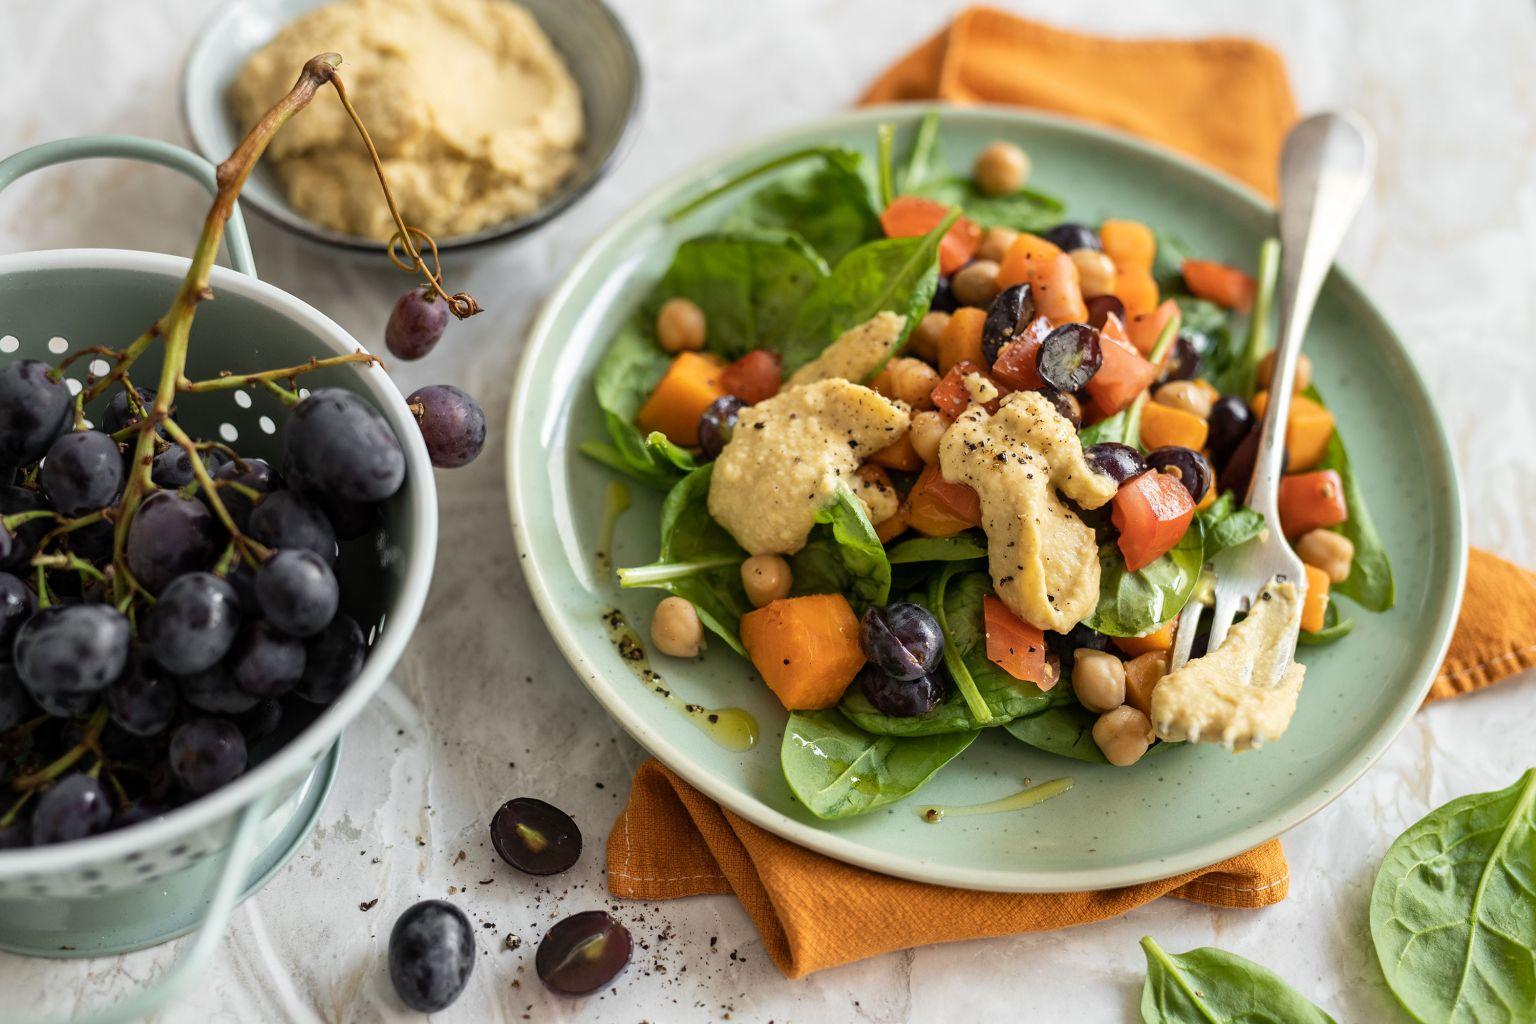 Salade de patate douce au houmous et raisins noirs